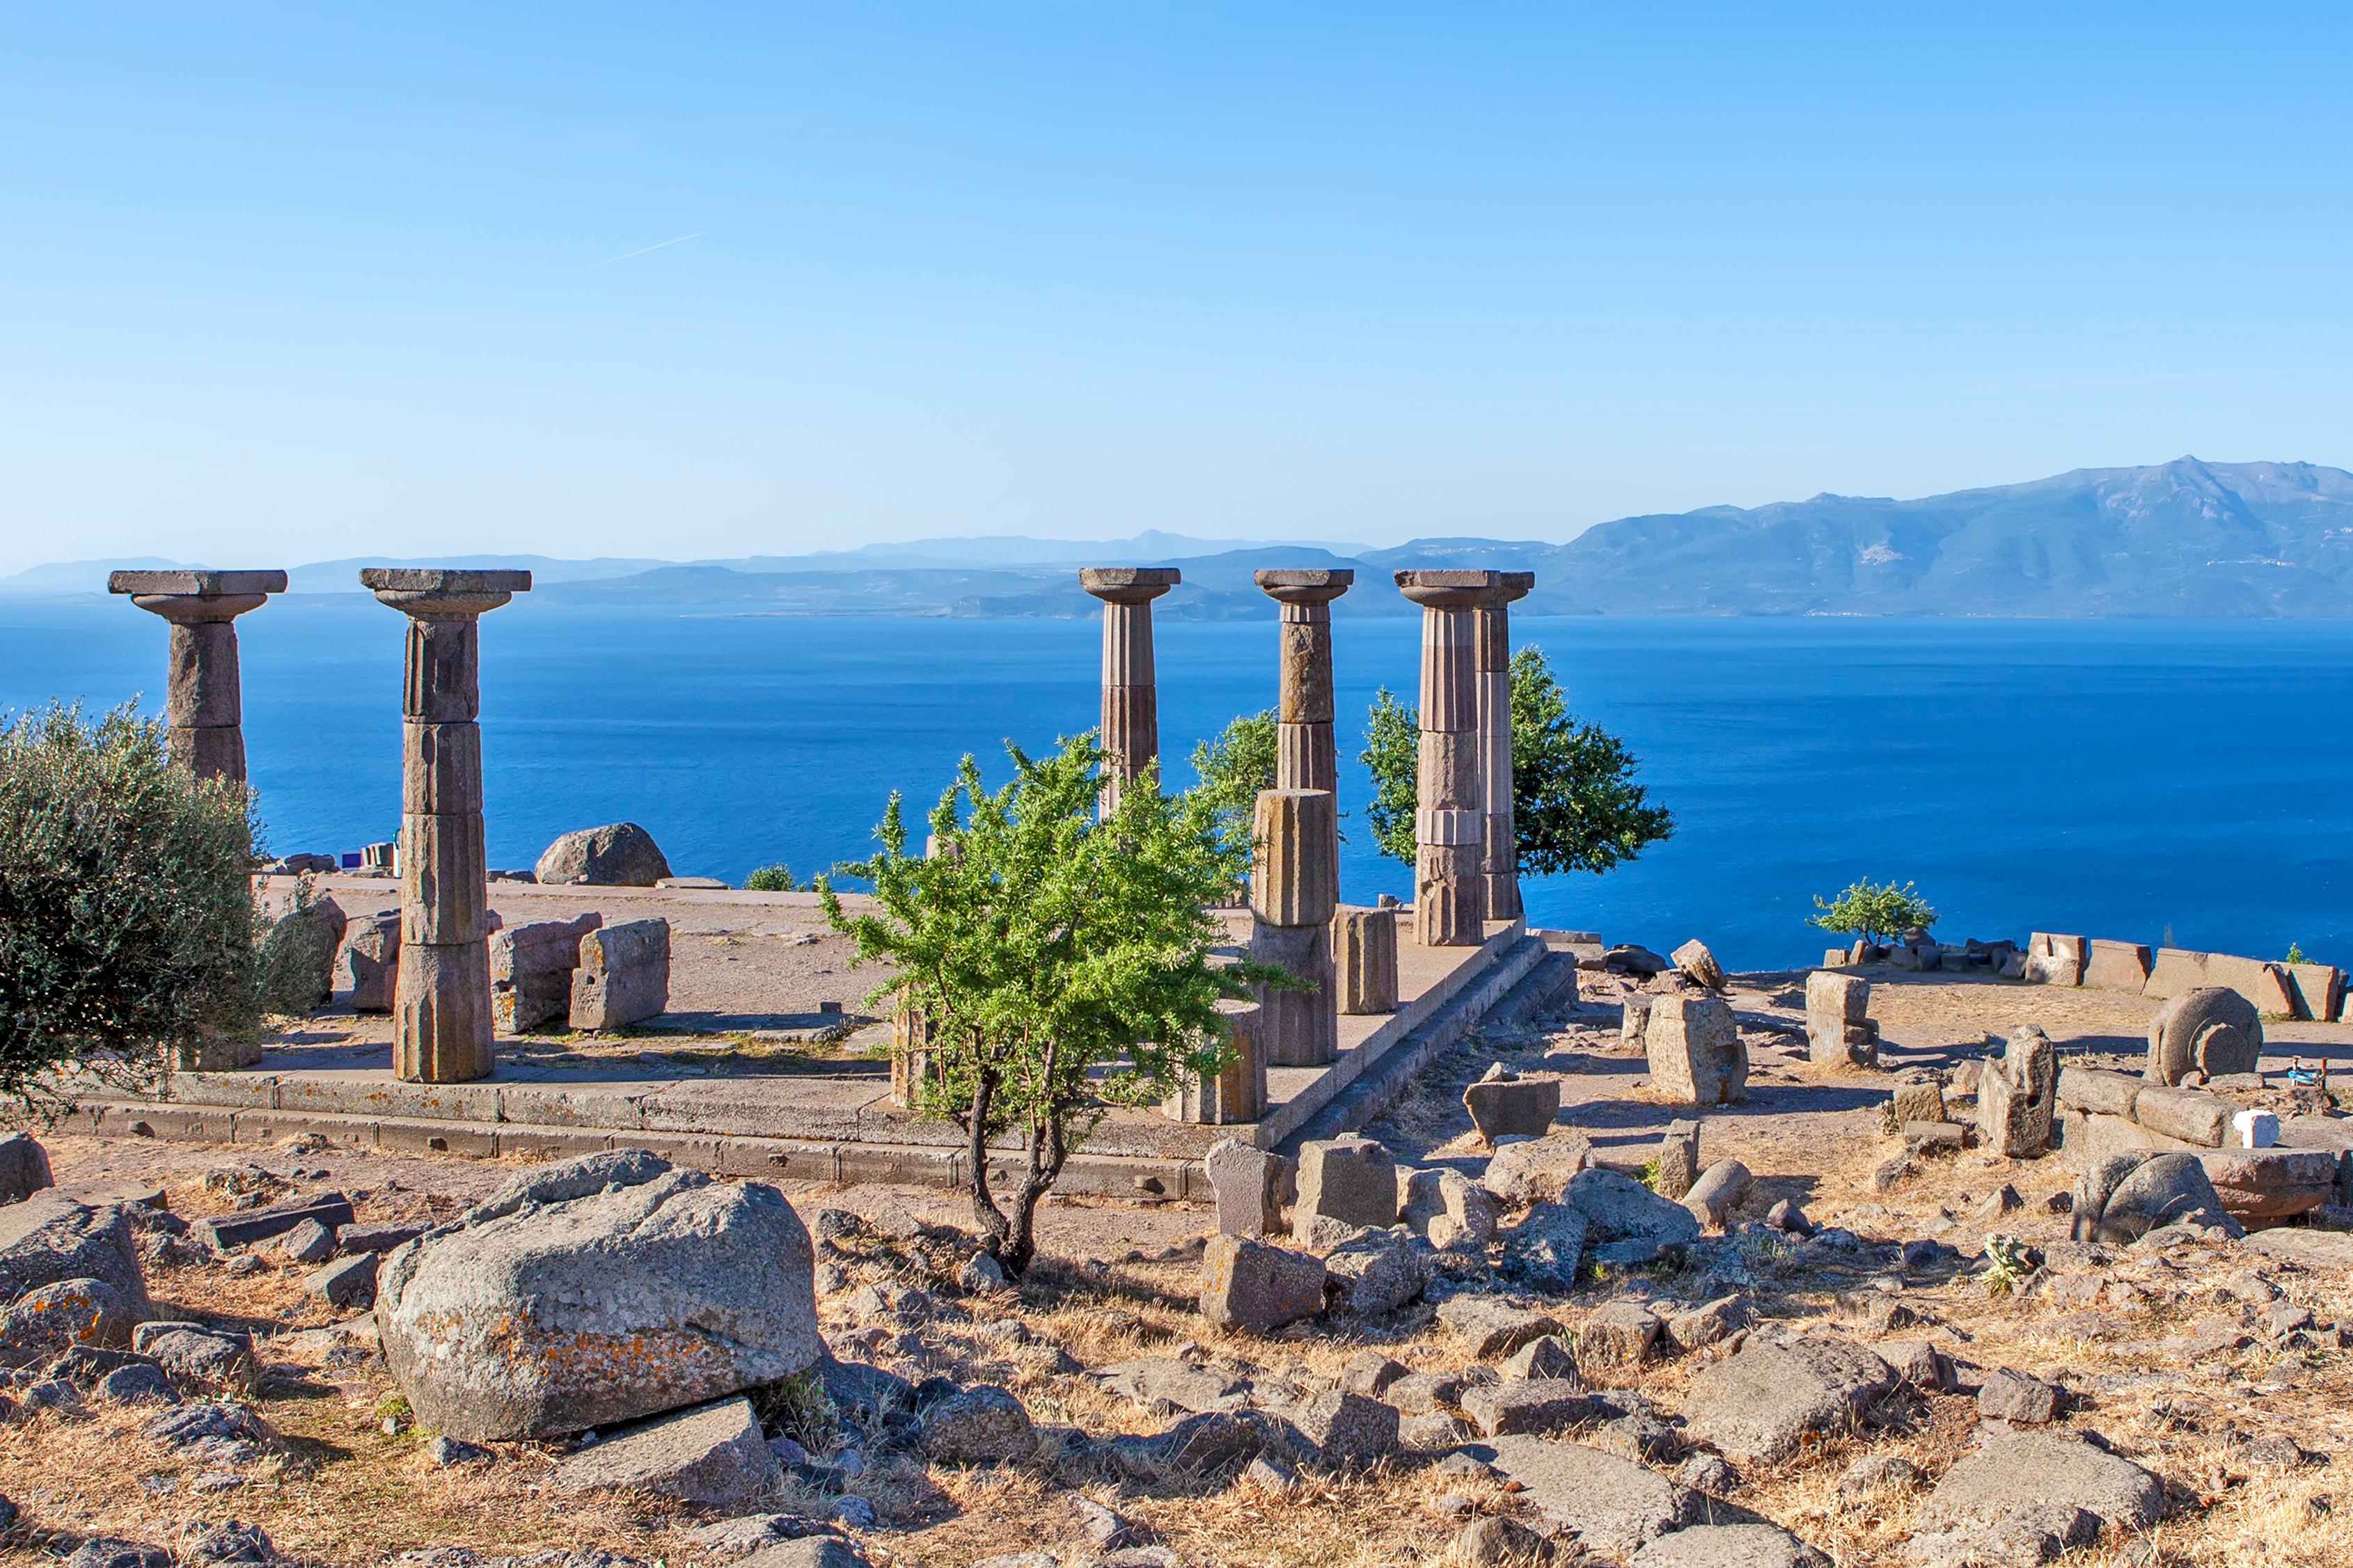 Вид на руины Трои в Турции, стране, где работа доступна для иностранцев